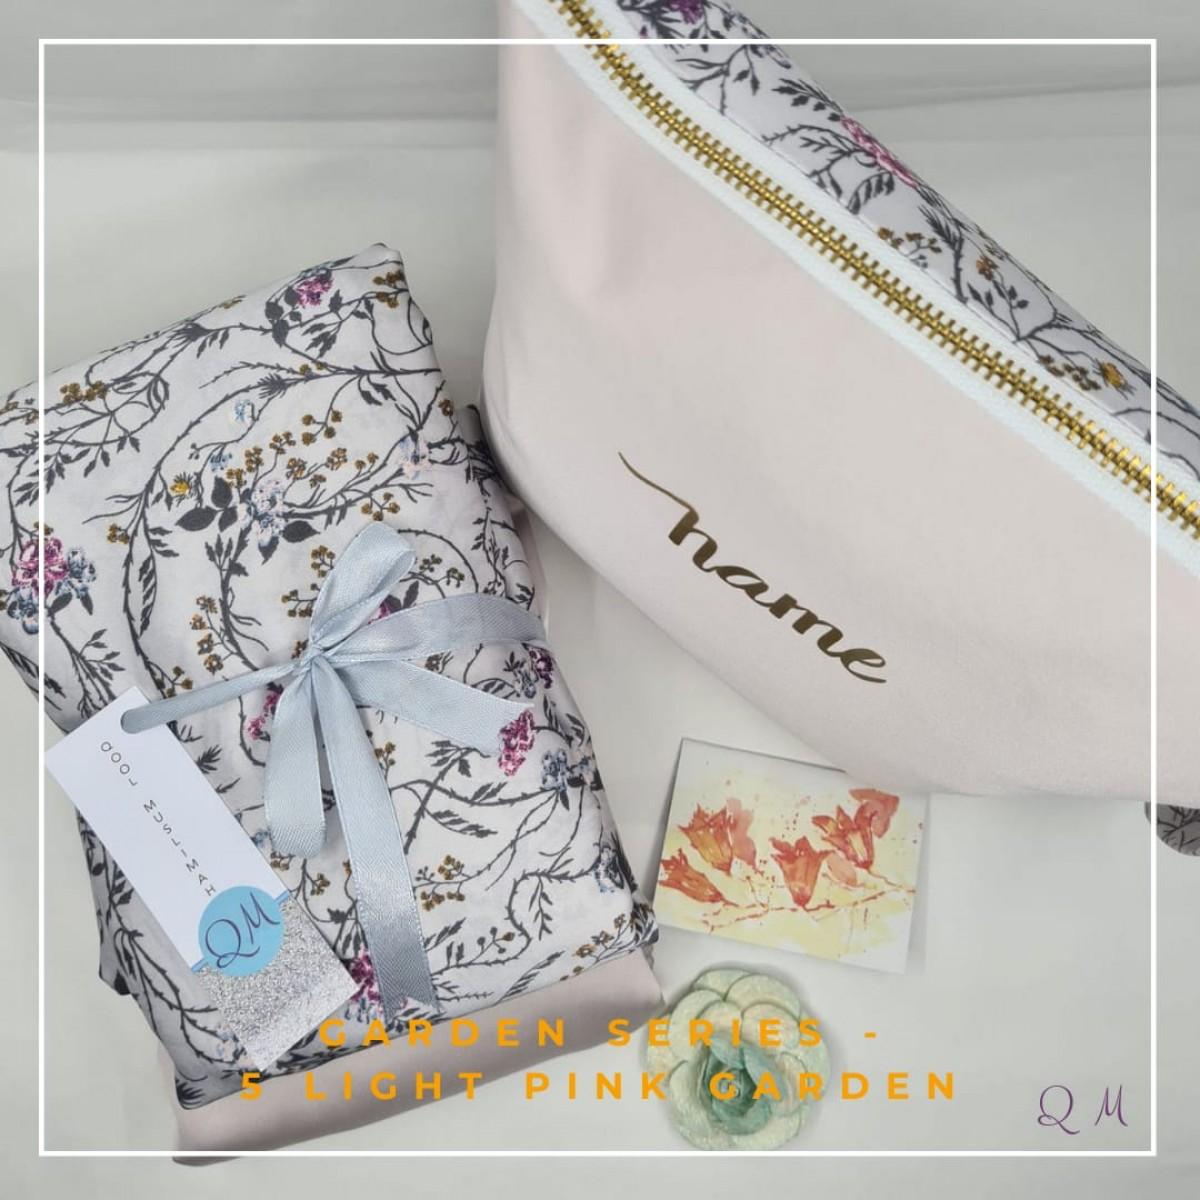 Telekung/Mukena Armani Silk Garden Series - Light Pink - Qool Muslimah